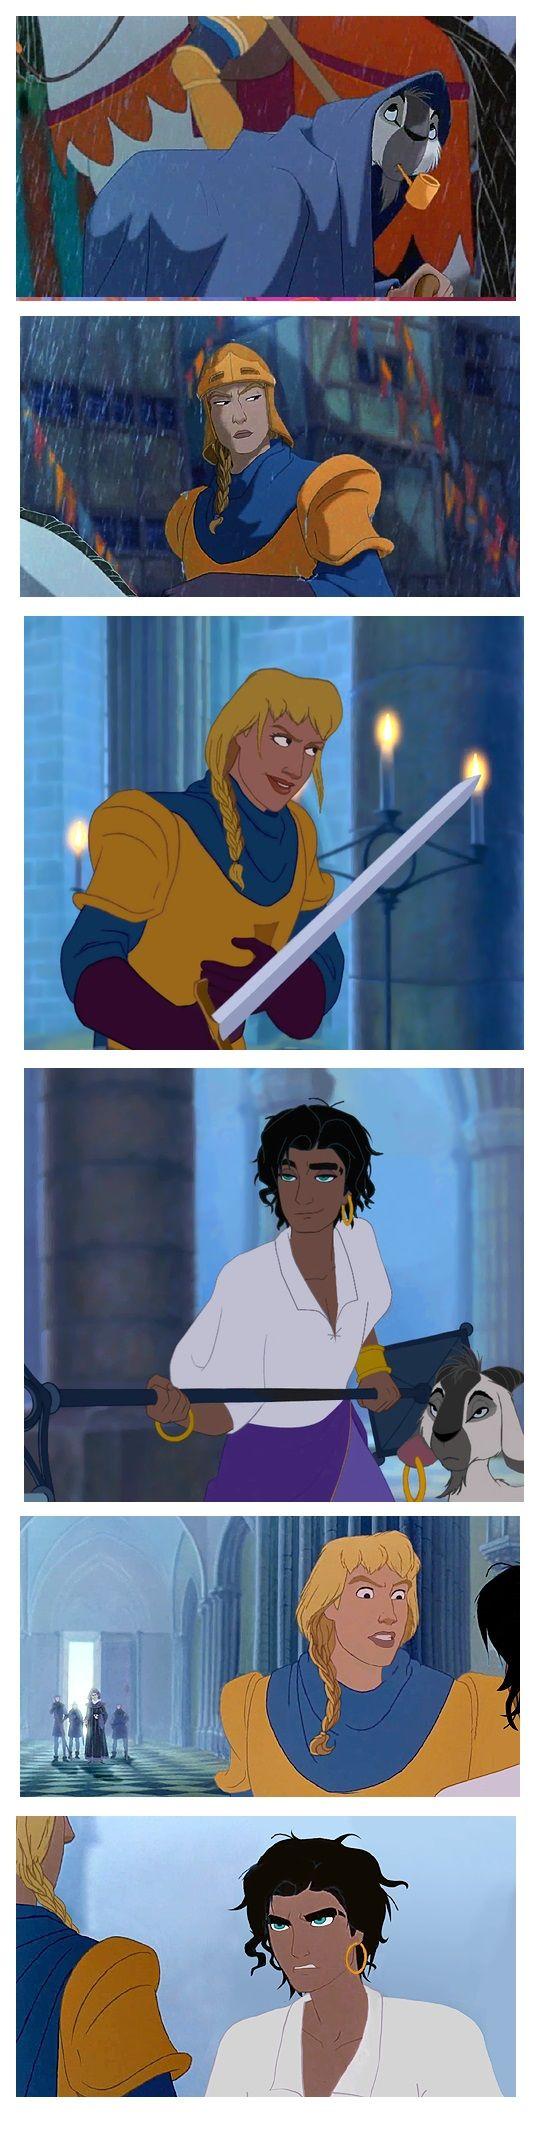 Phoebus and Esmeralda genderbend interaction by esmeraldo